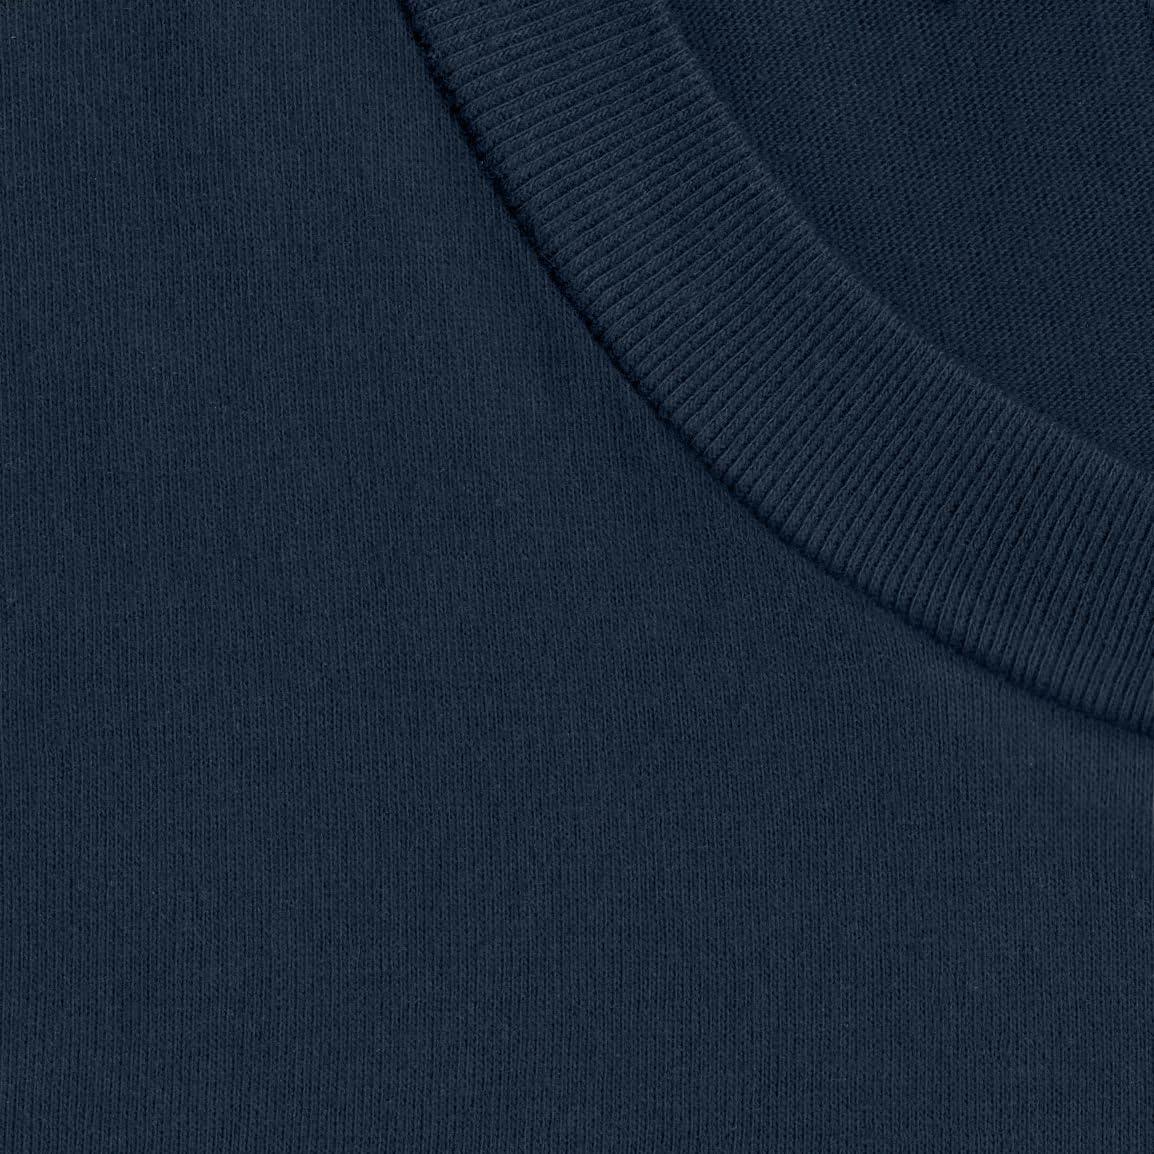 t-Shirt Originale della Marca Colombo Maglietta Girocollo TRAKTOR T-Shirt UnAltra Cosa ! Maglia Just One More Thing ! Cult del Film Blu Scuro